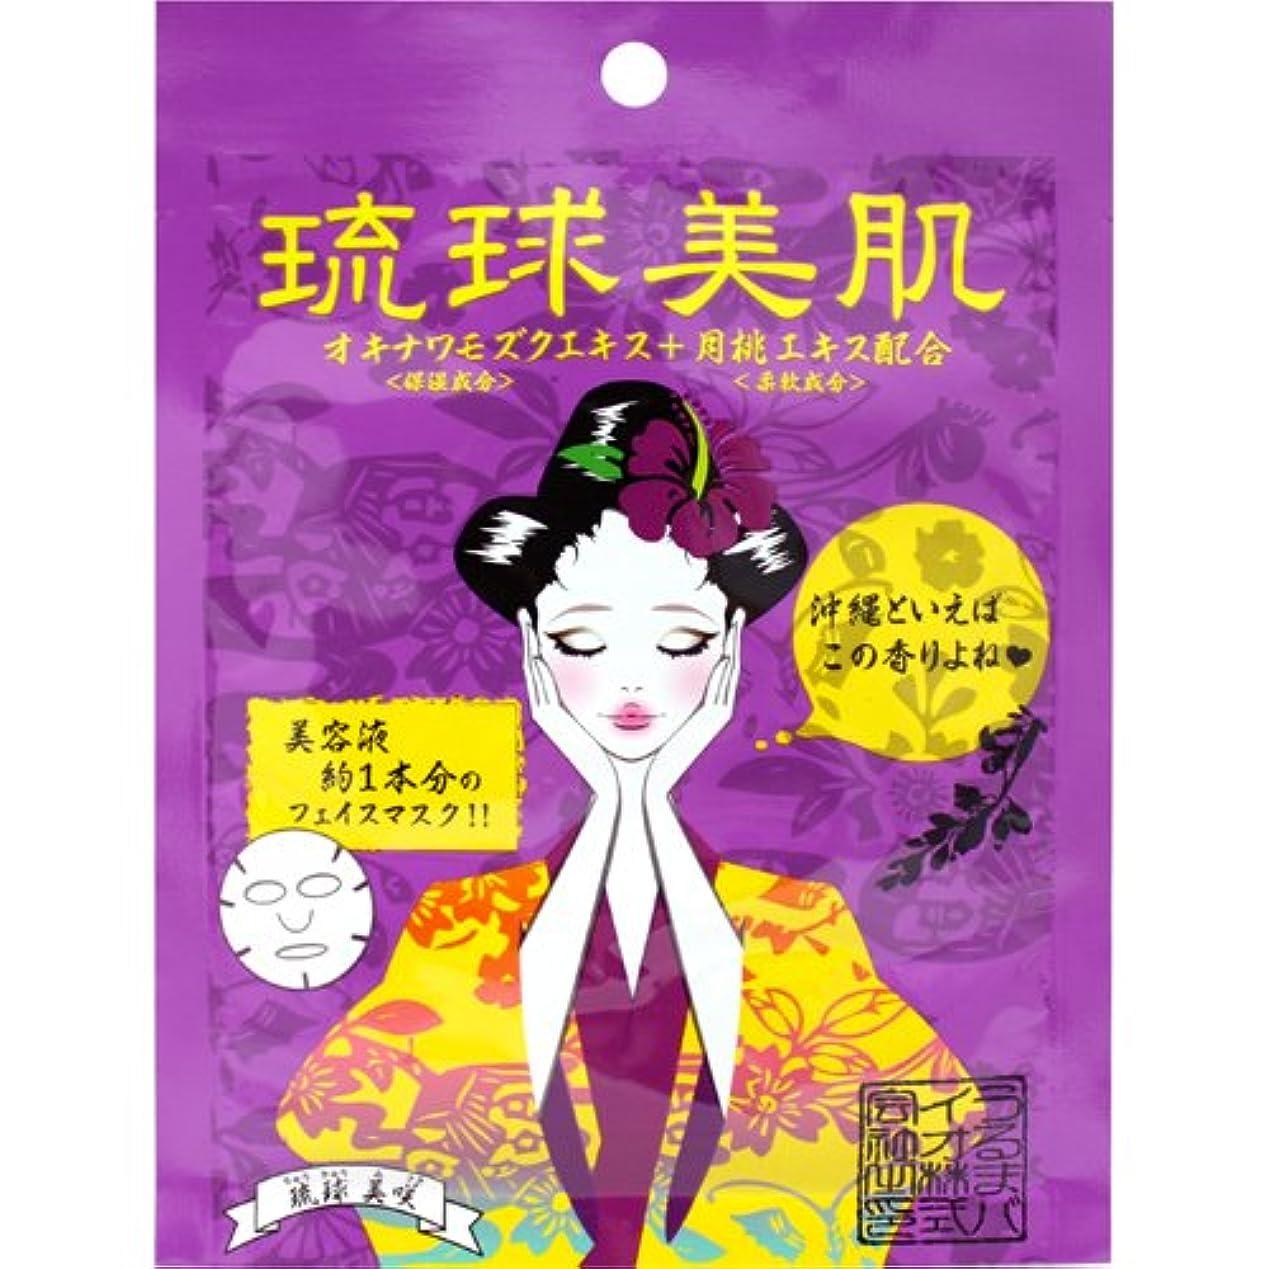 アンソロジー遠征割り込み琉球美肌 フェイスマスクシート 月桃の香り 10枚セット